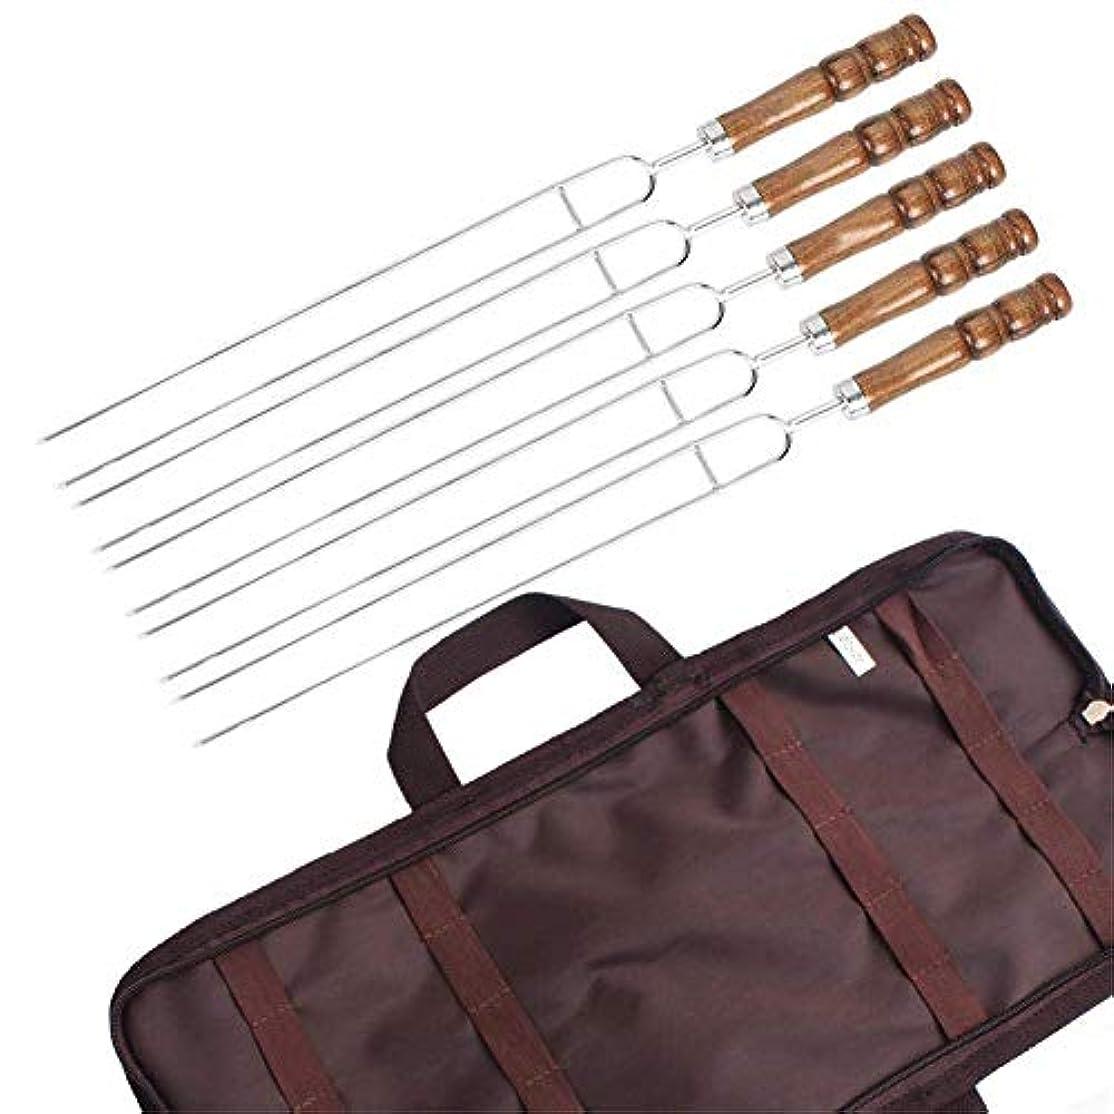 バーベキューフォーク BBQフォーク バーベキュー バーベキュー道具 ステンレス製 5本組